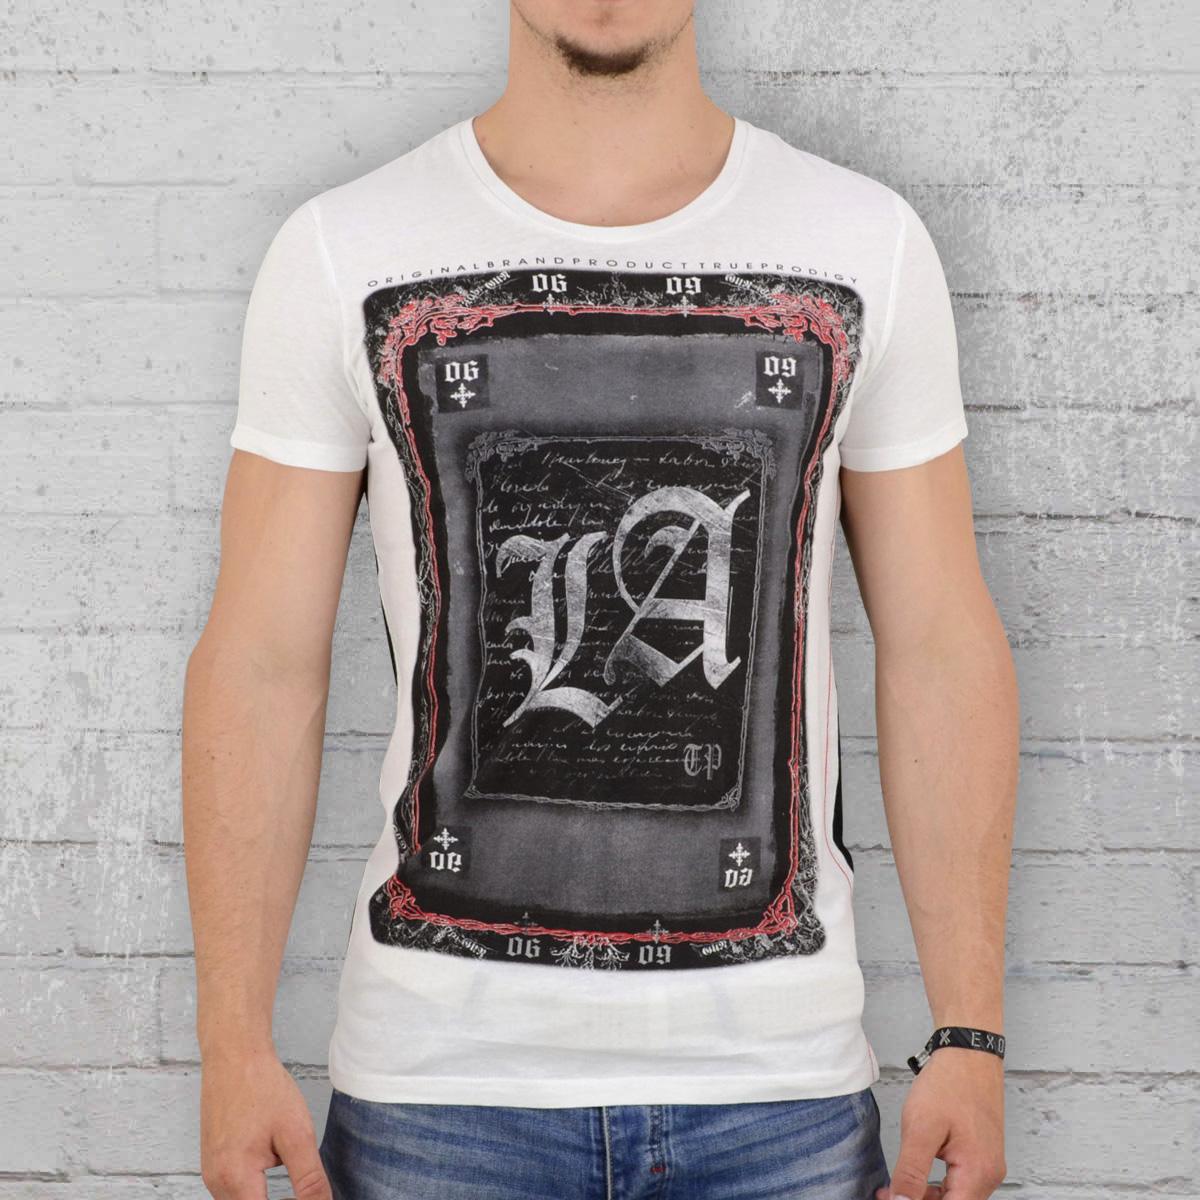 61097f2b17be Jetzt bestellen   Trueprodigy T-Shirt Männer LA Card weiss schwarz ...